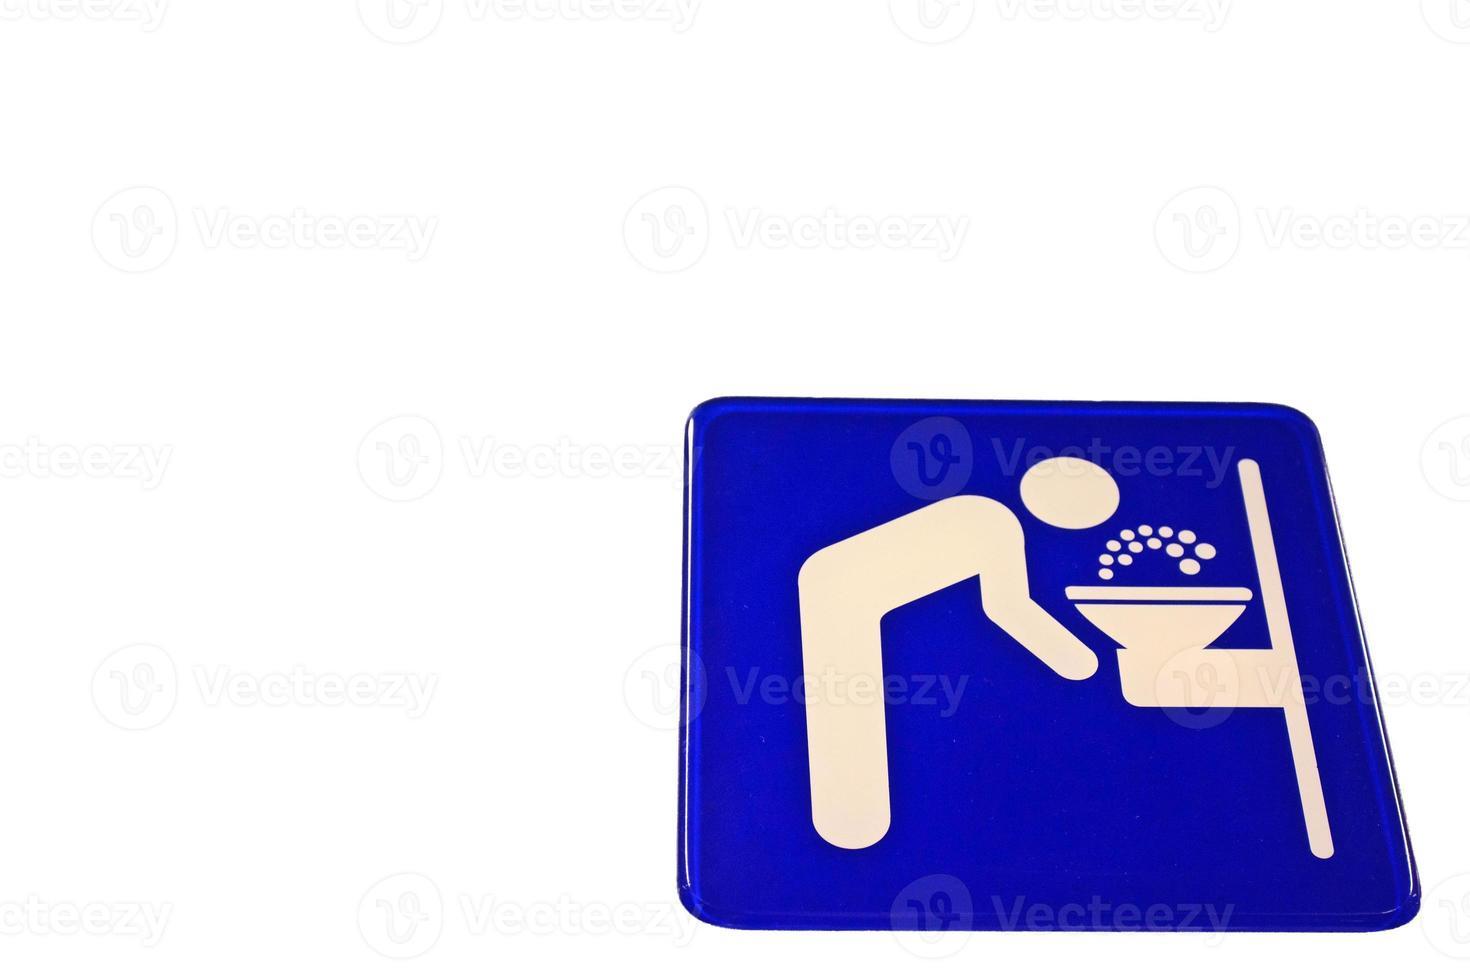 segno di acqua potabile foto